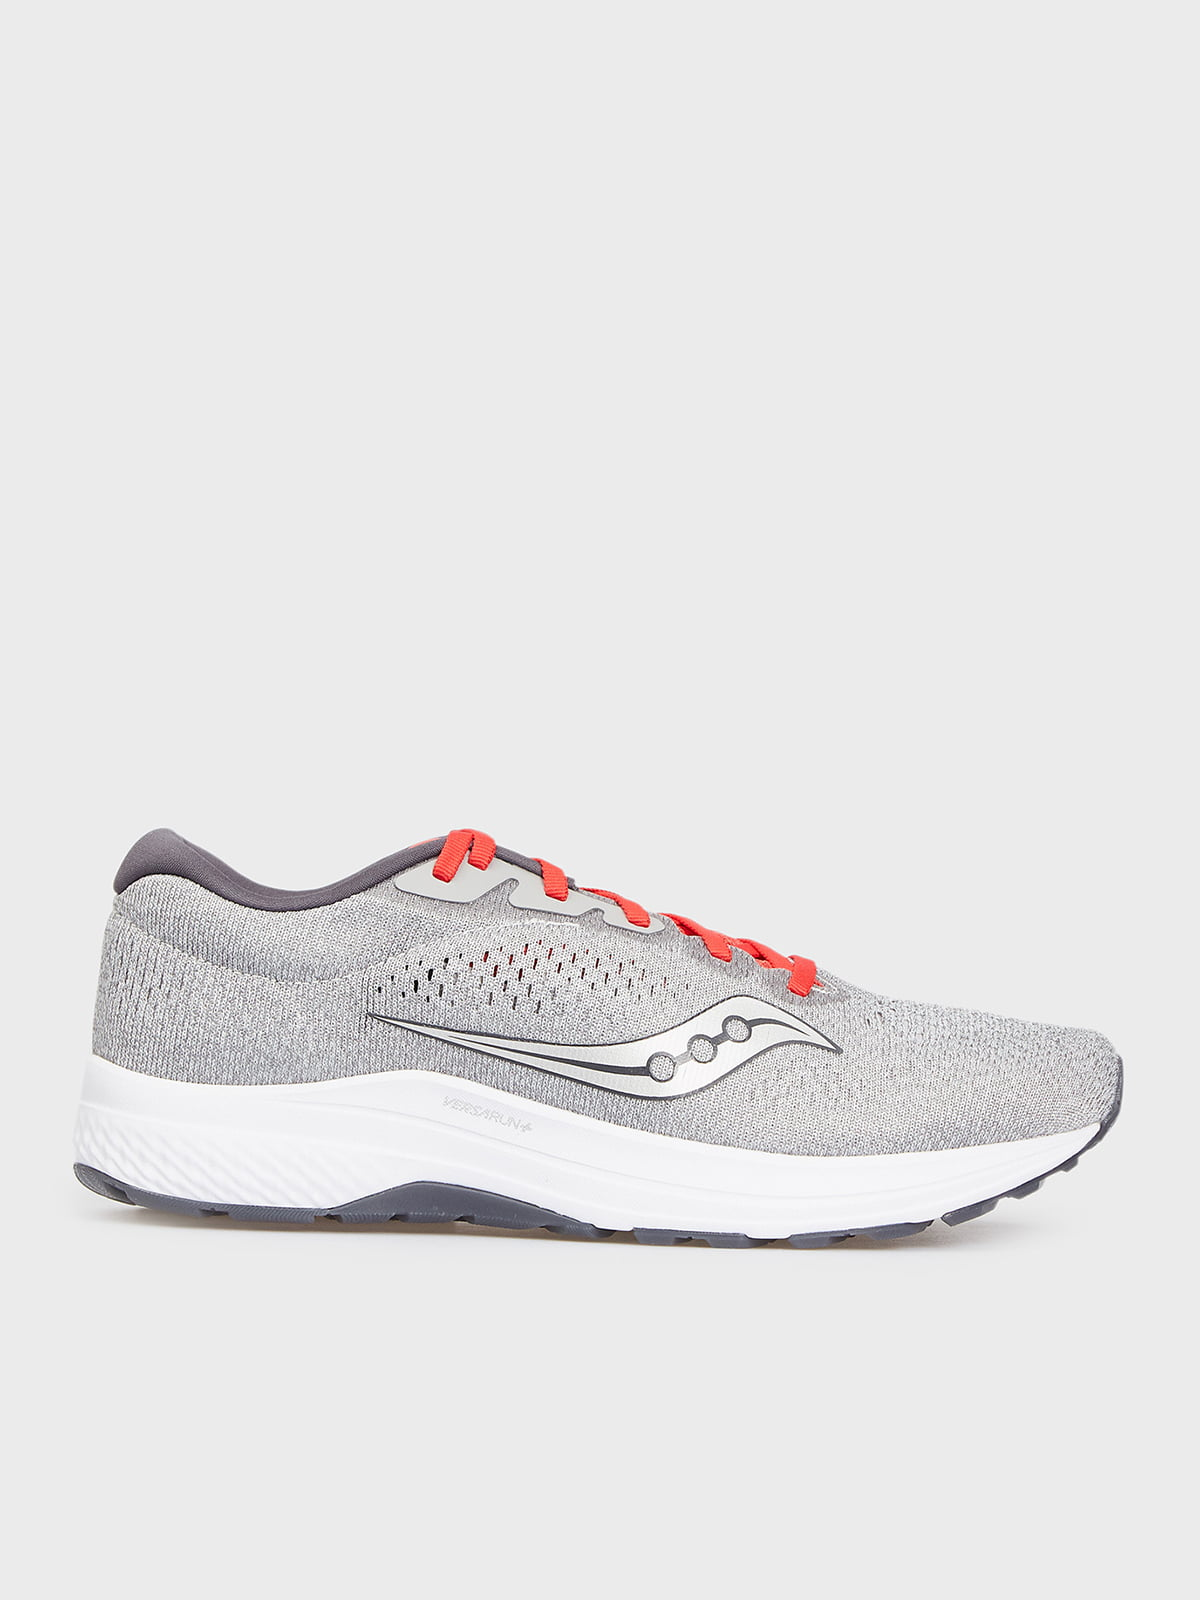 Кроссовки для бега серые CLARION 2 20553-30s | 5576207